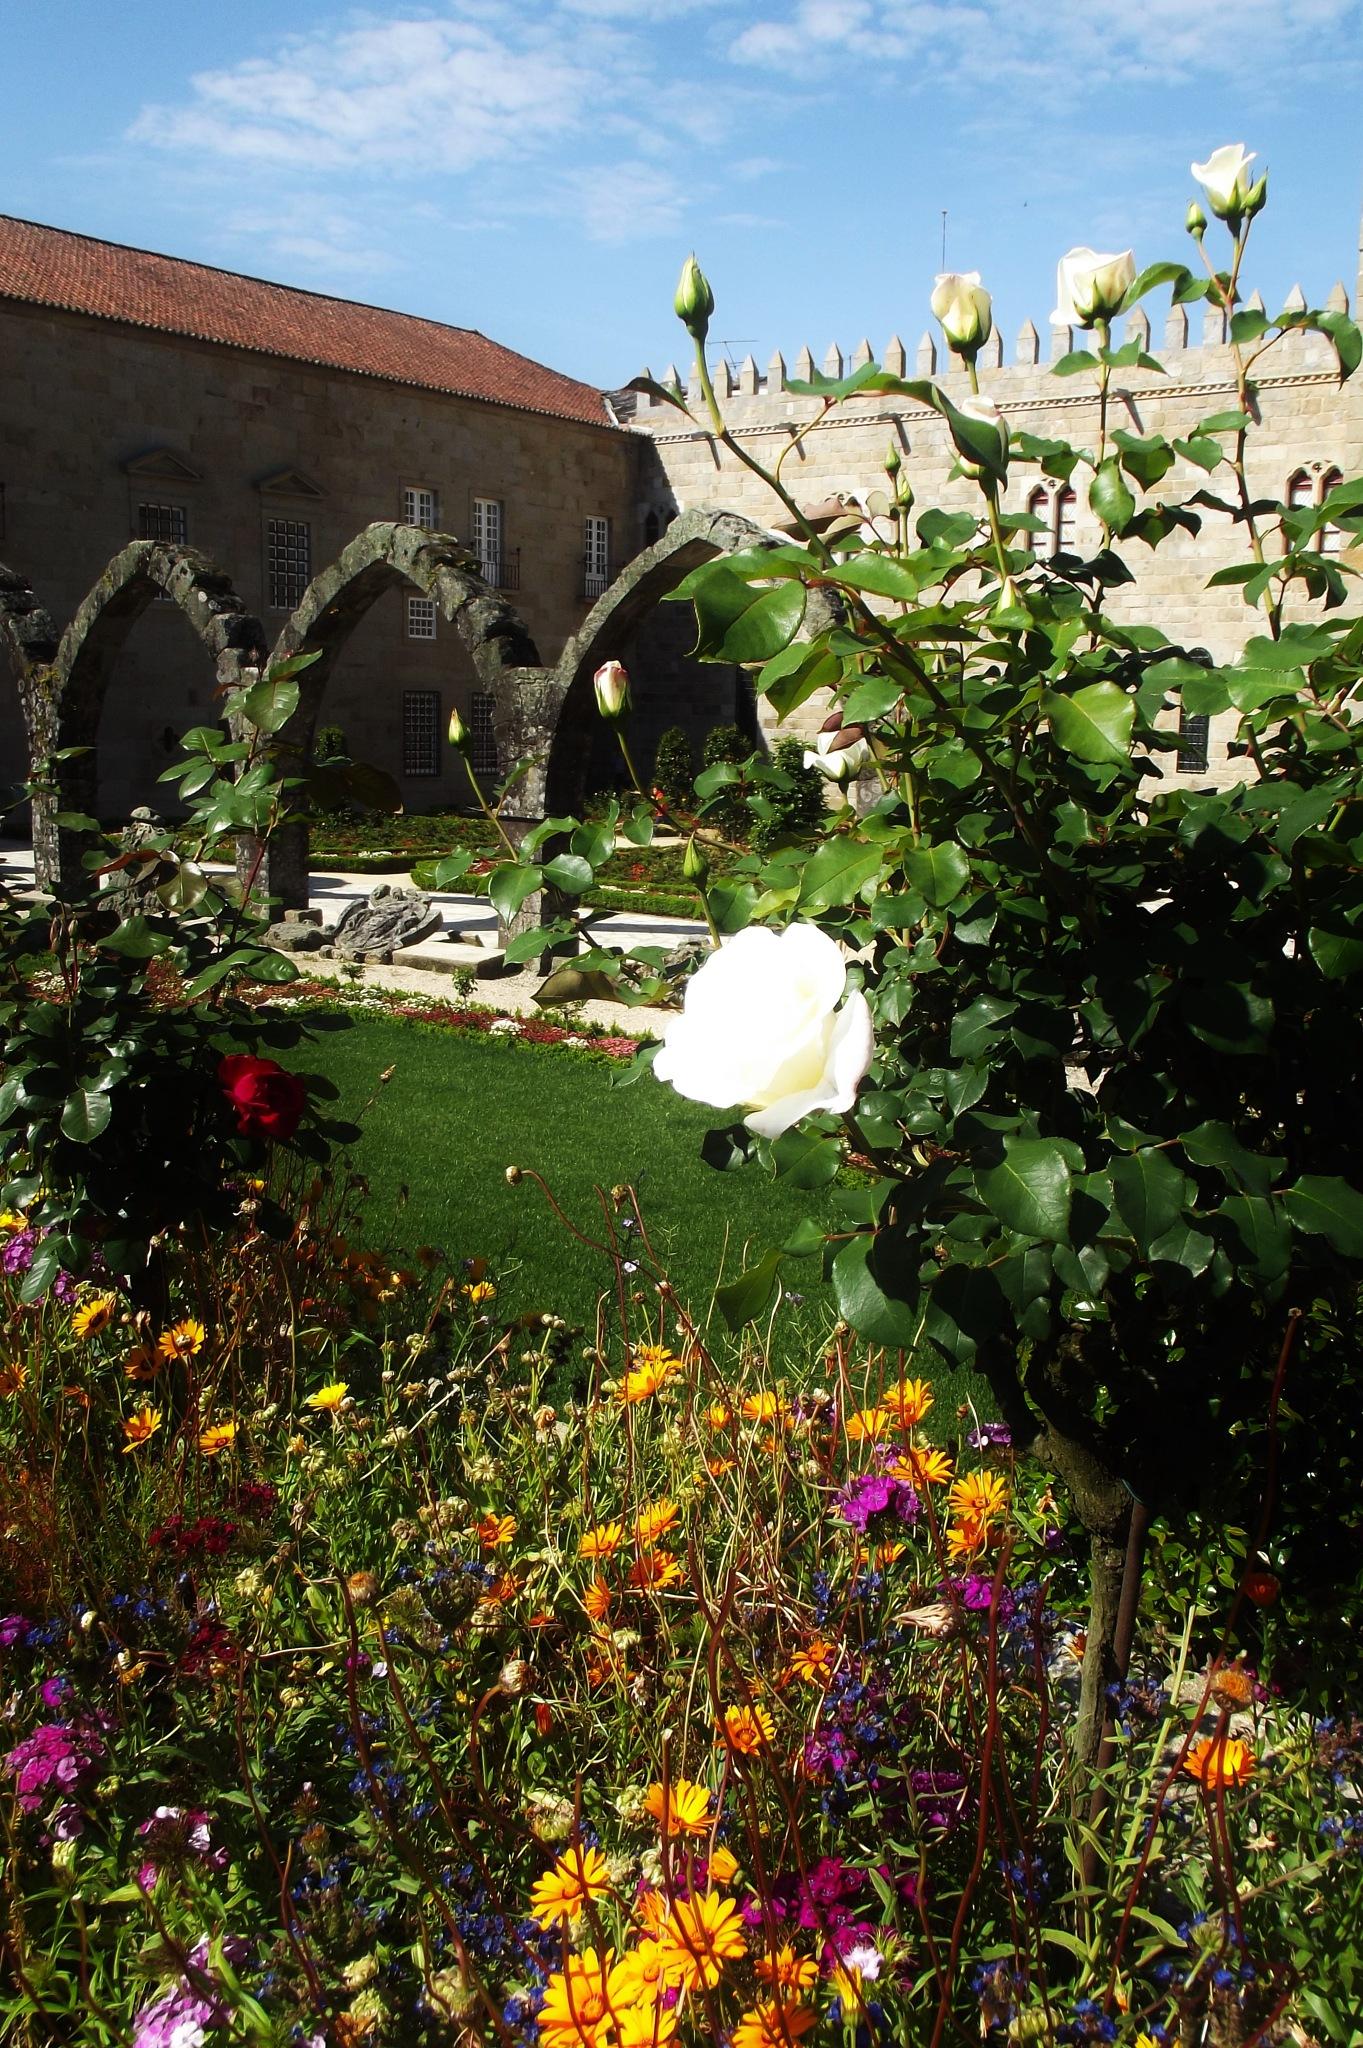 Garden by pattimatos